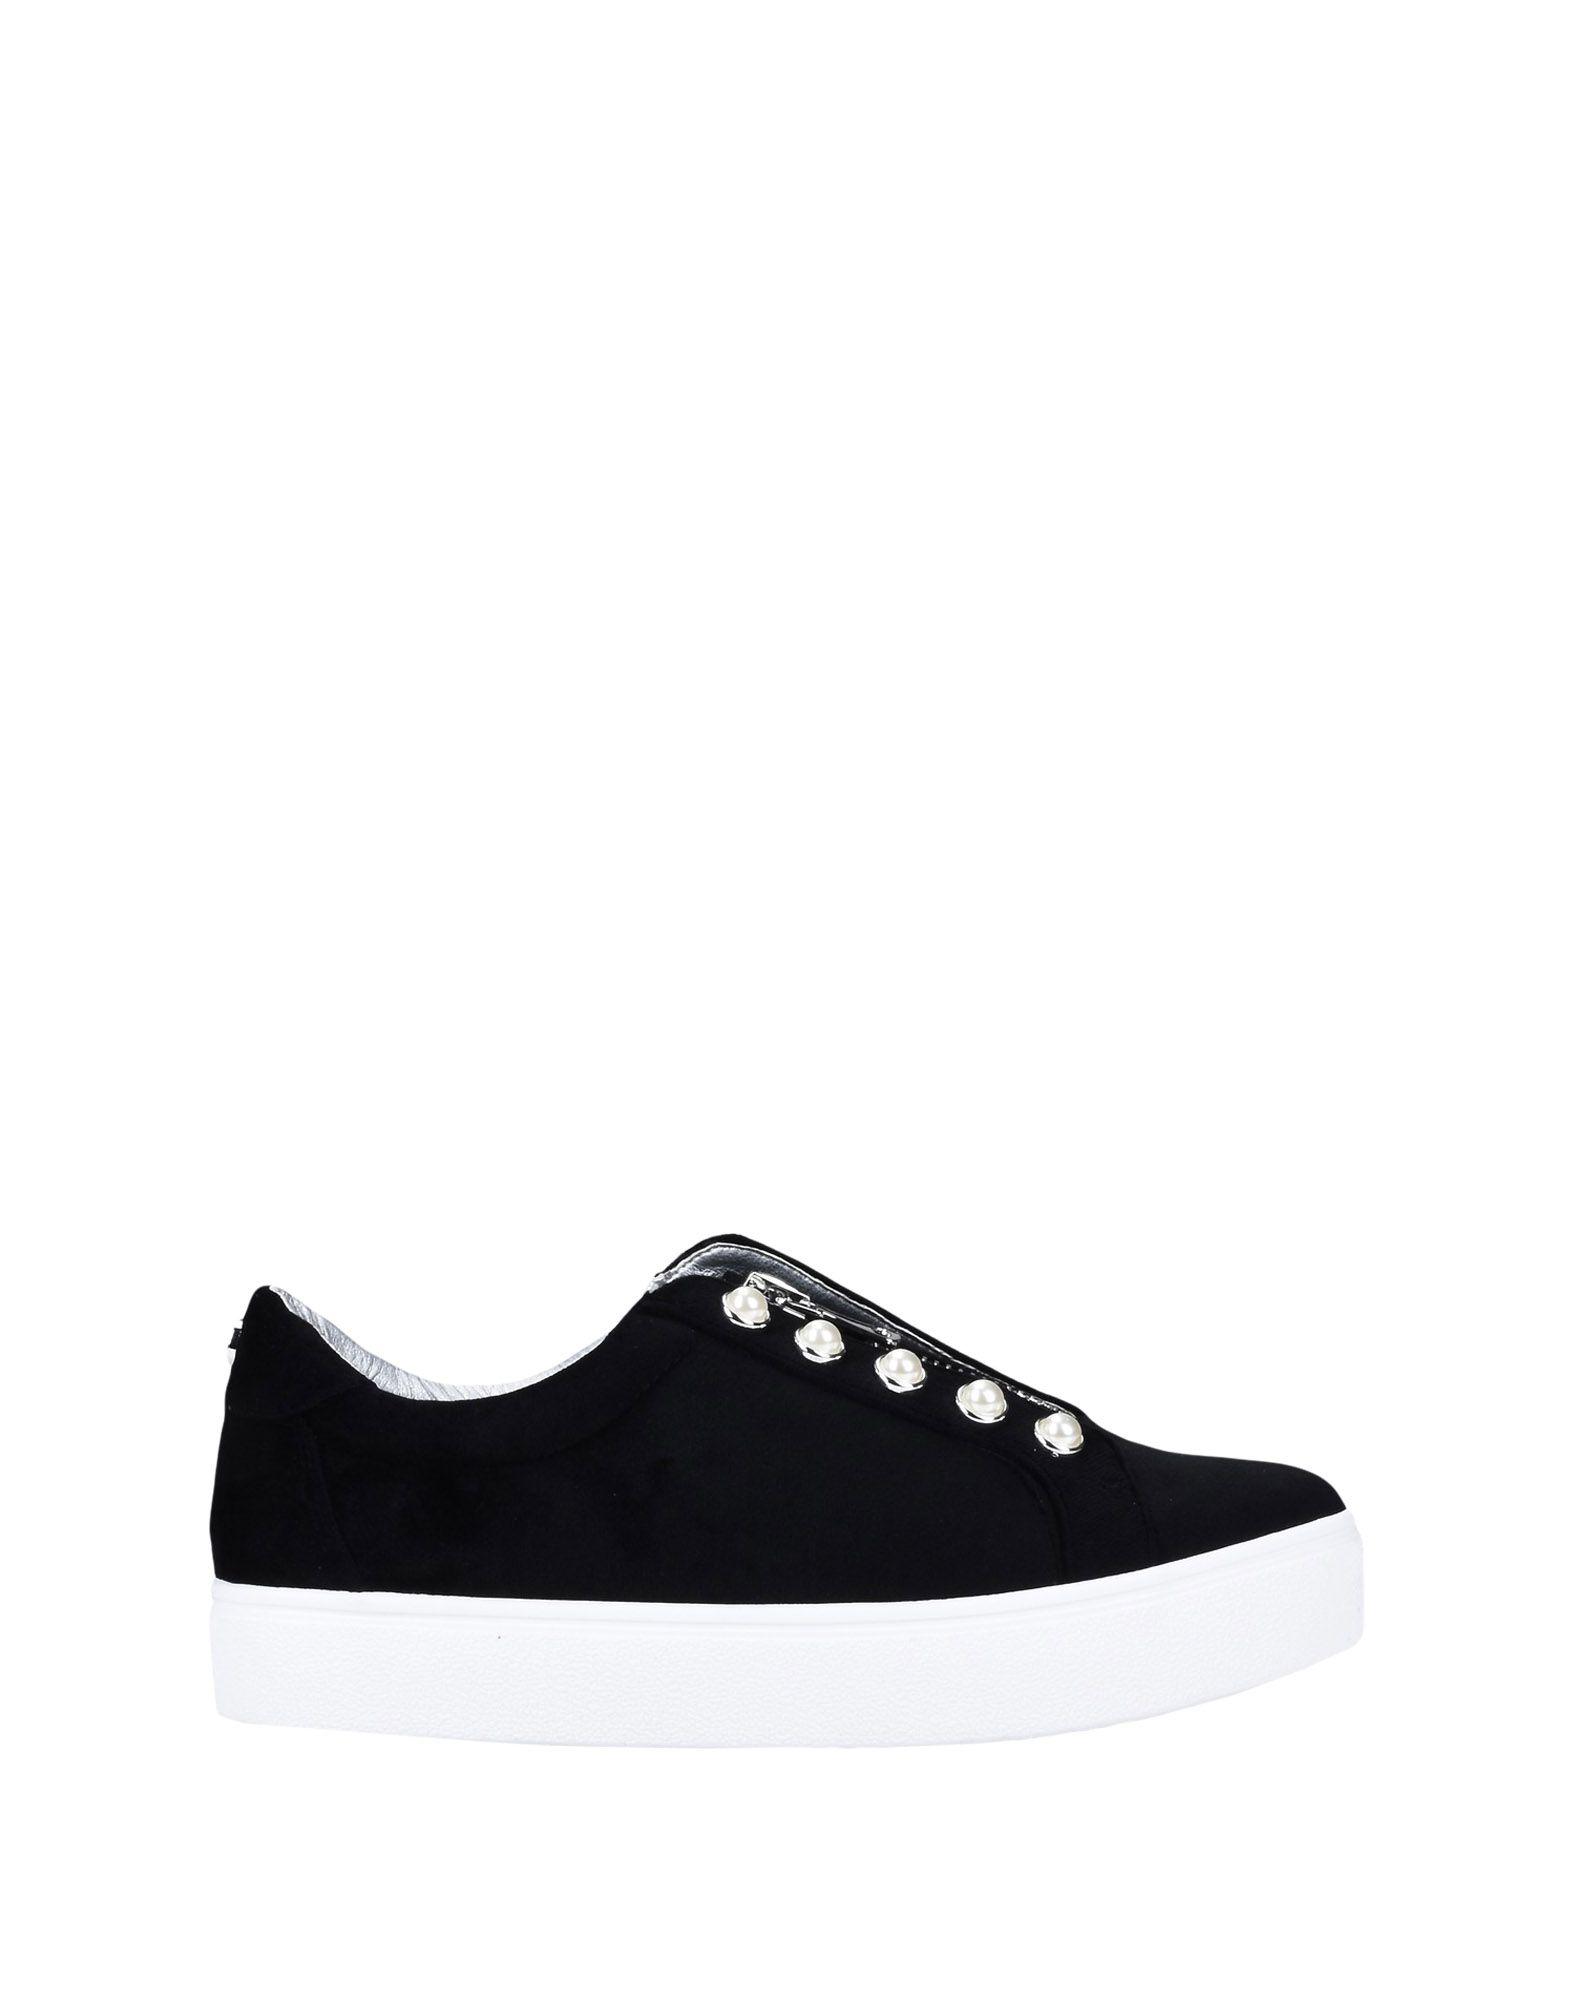 Steve Madden Lynn Sneaker  11492918AL Qualität Gute Qualität 11492918AL beliebte Schuhe 7a4b29